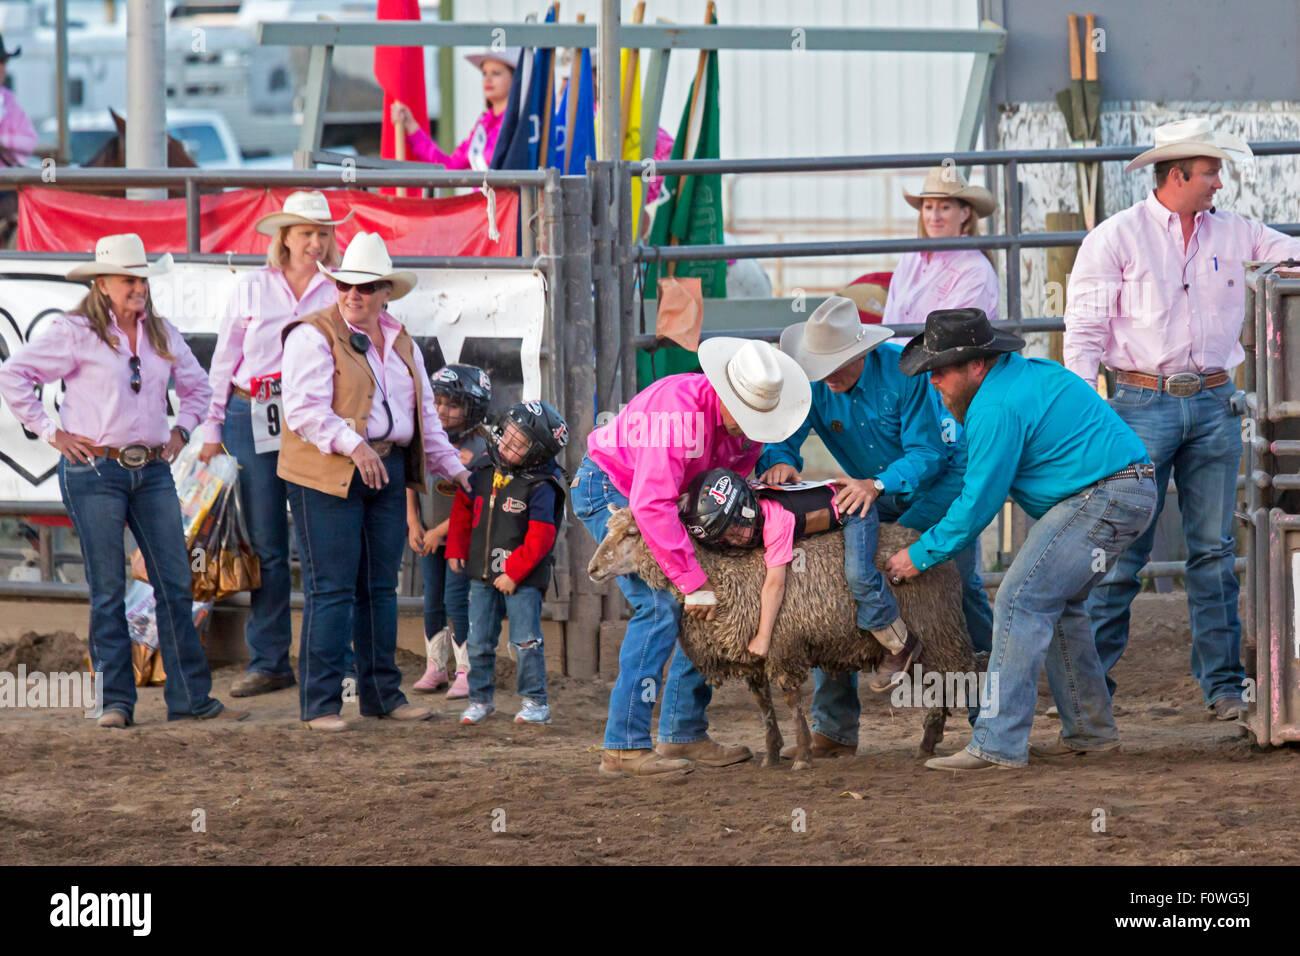 En Estes Park, Colorado - niños de edades entre 5-8 ride ovejas durante el carnero bustin' en la azotea Imagen De Stock